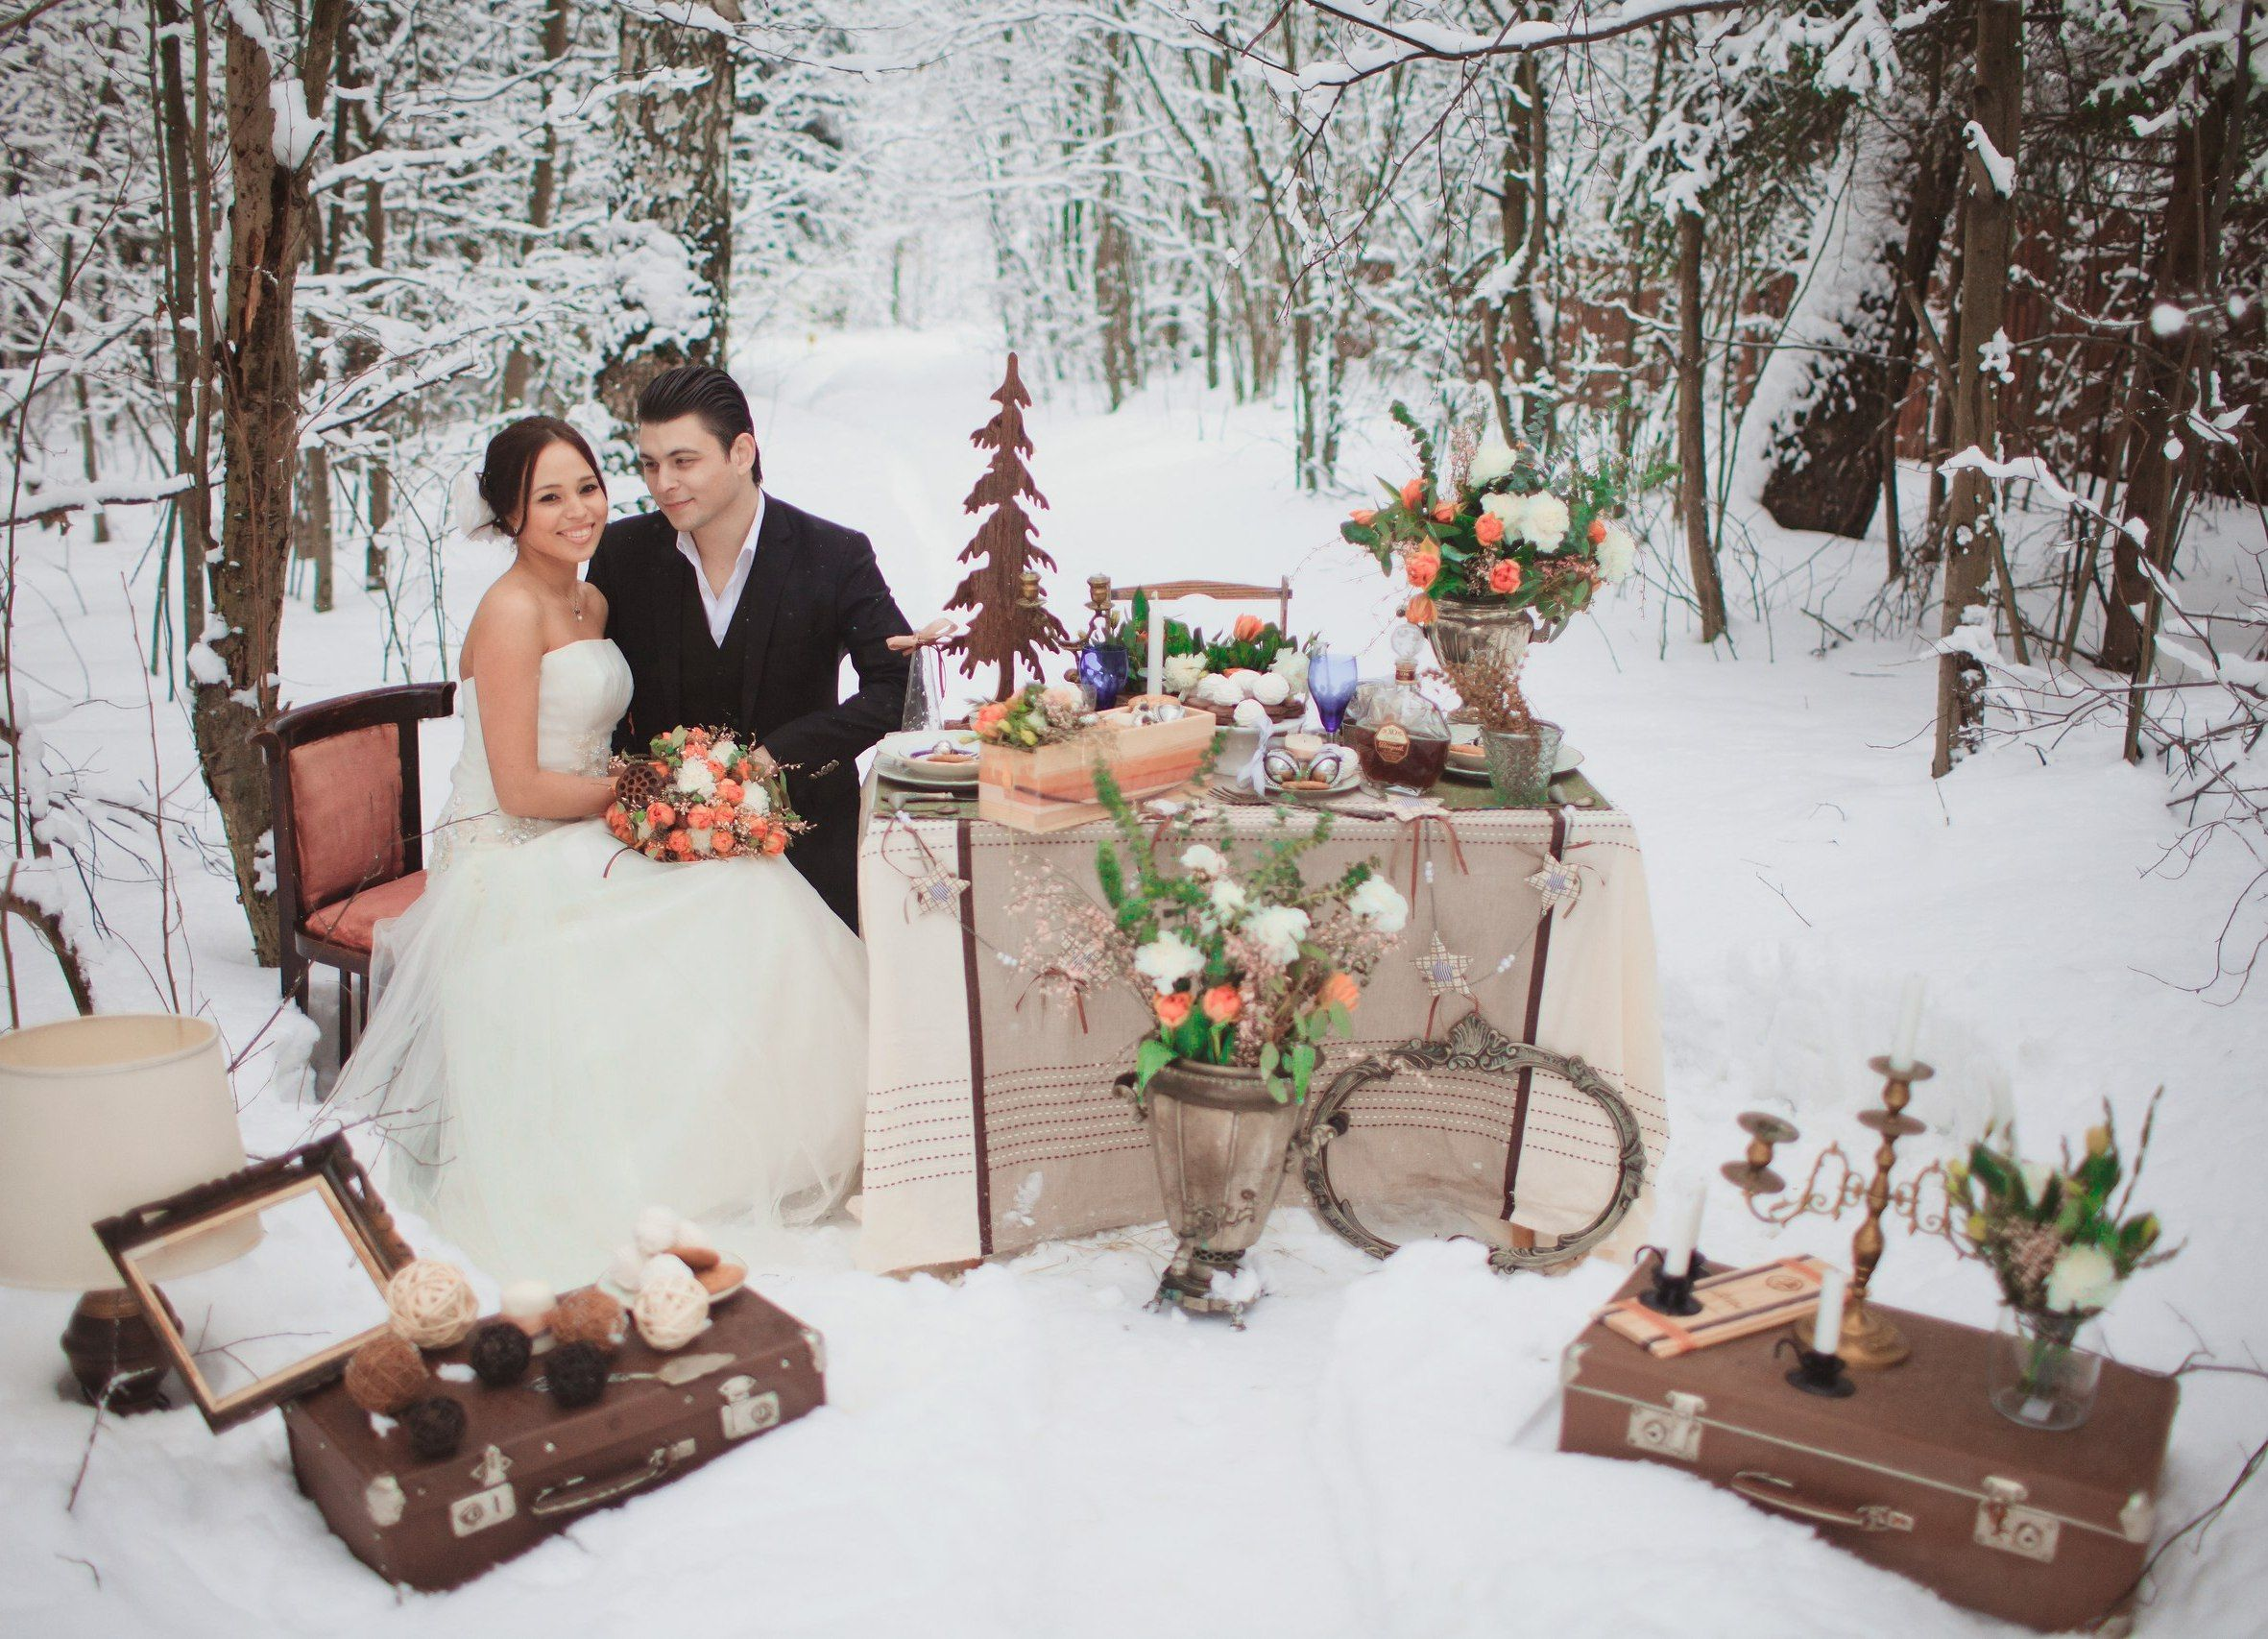 Свадьба зимой или идеи зимней свадьбы